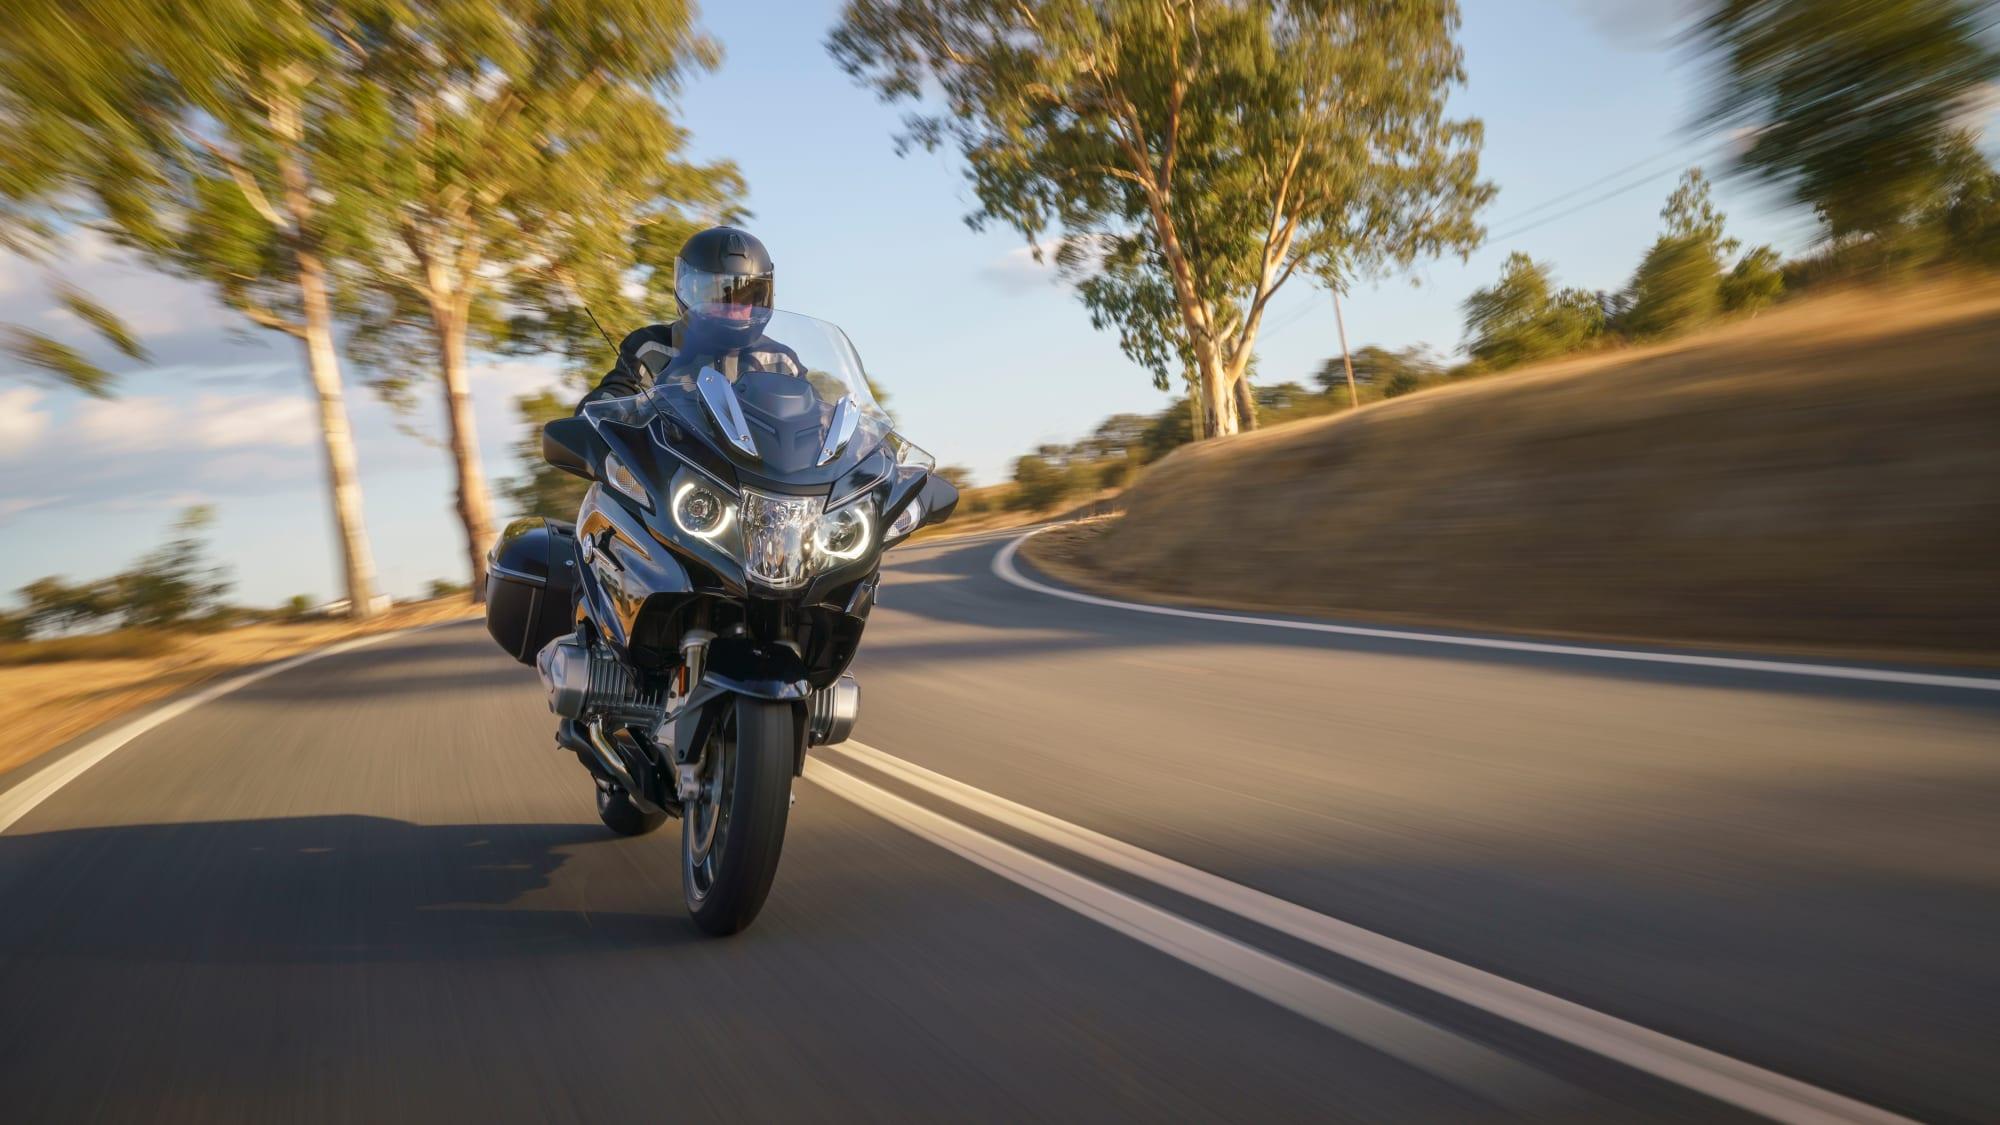 das Motorrad BMW R 1250 RT bei der Fahrt auf einer Landstrasse